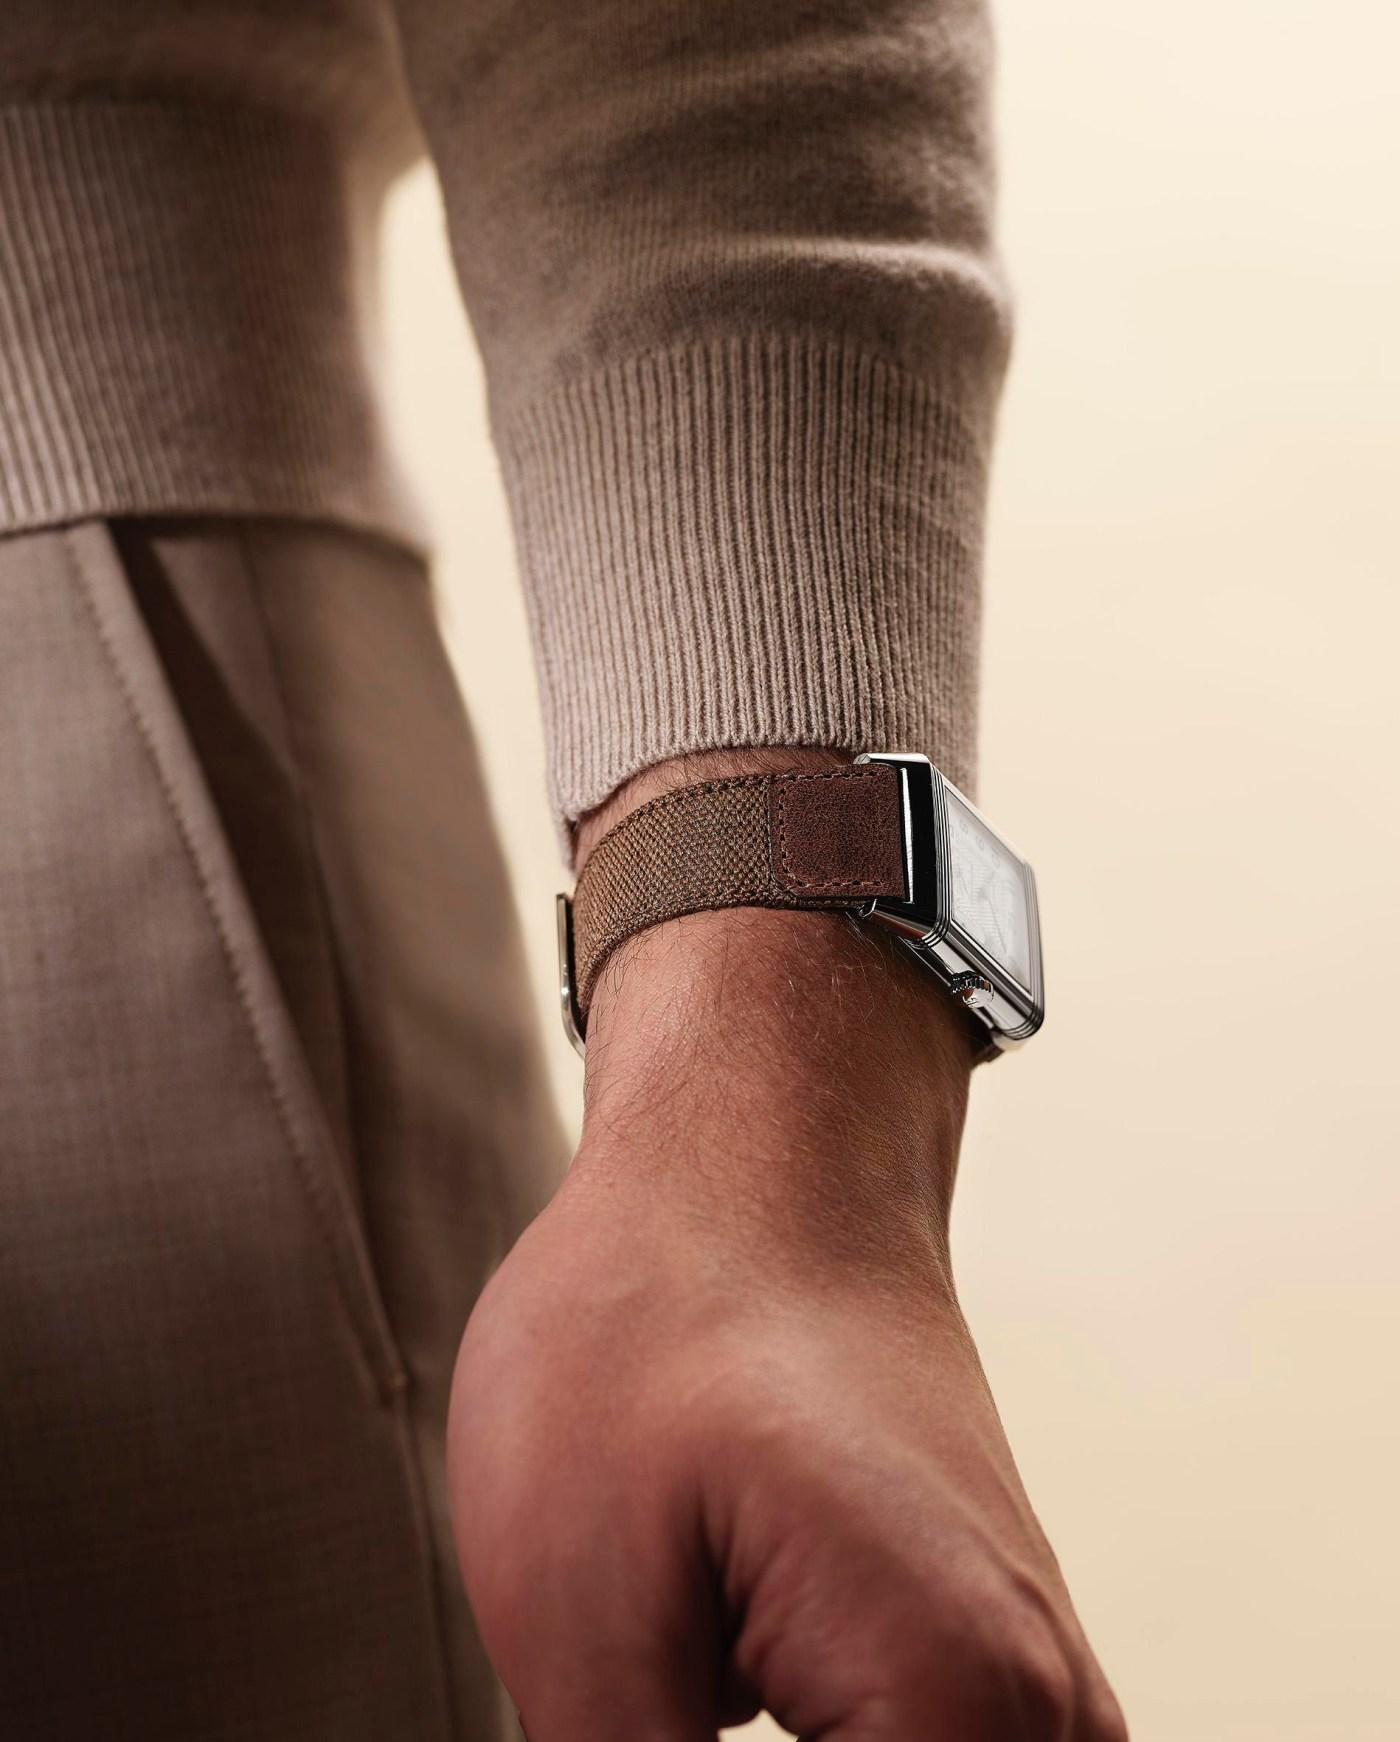 Jaeger-LeCoultre Casa Fagliano Reverso strap wristshot